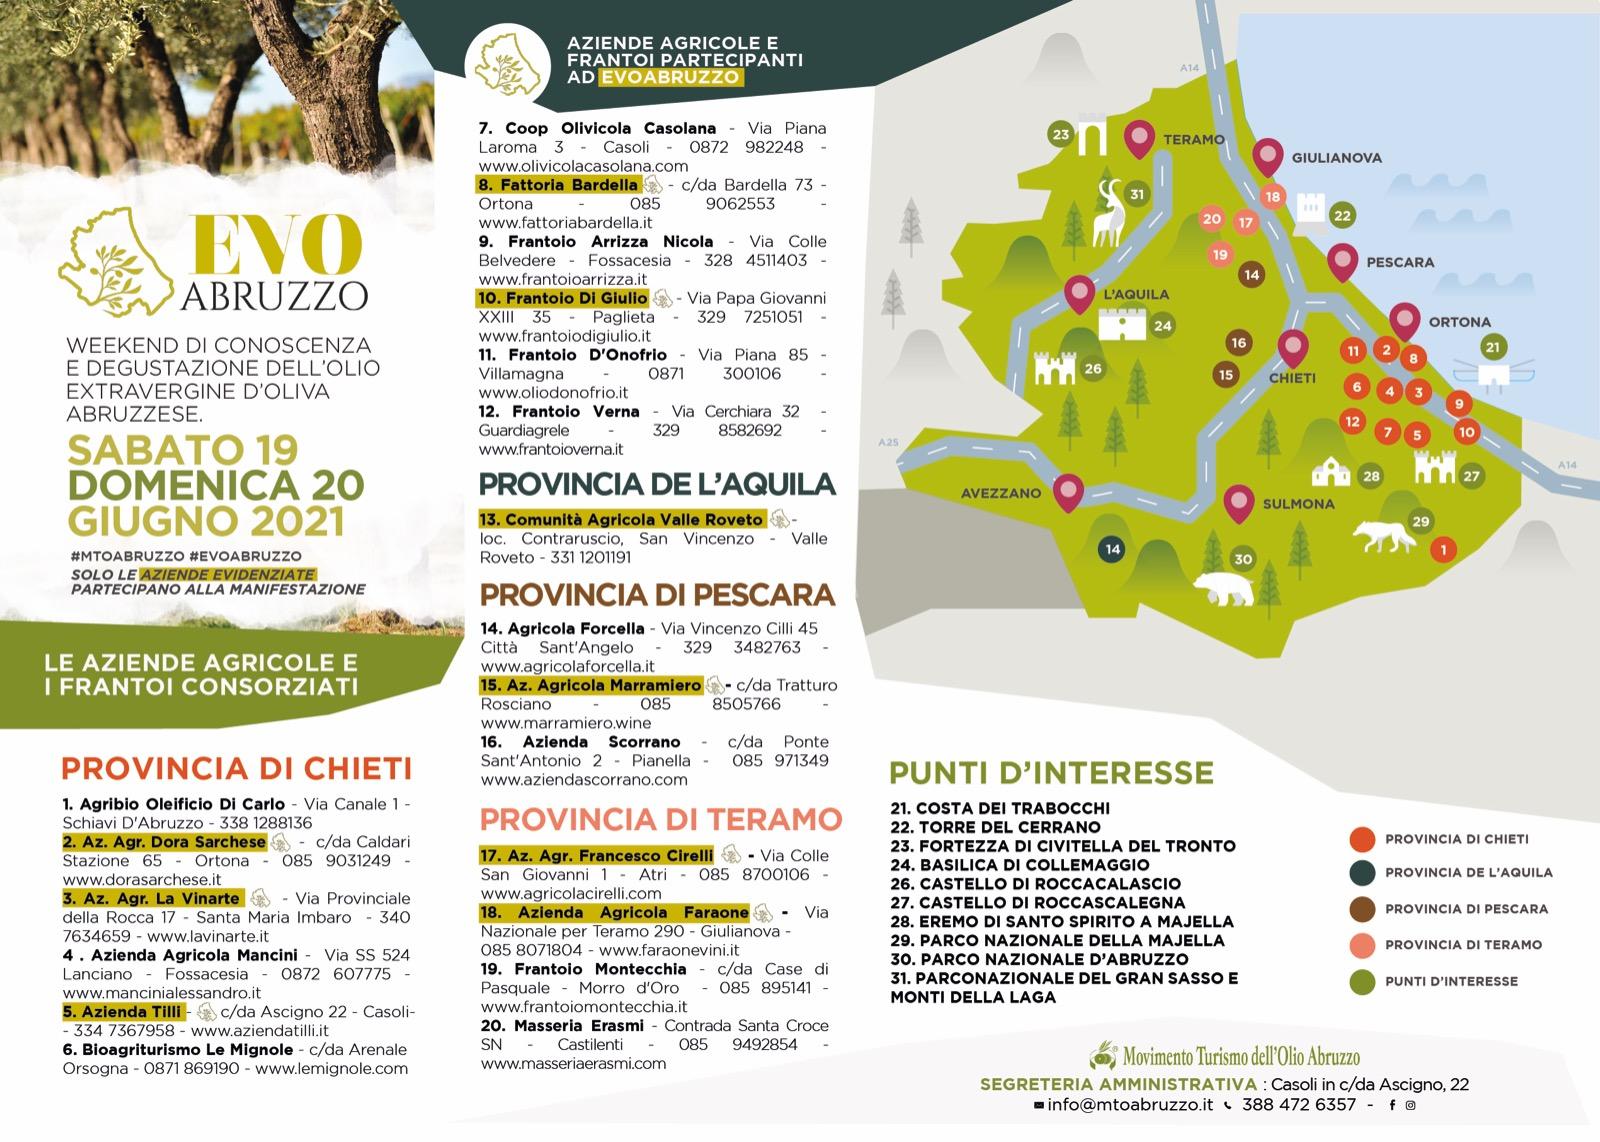 EVO Abruzzo, sabato 19 e domenica 20 giugno nelle aziende del Movimento Turismo Olio